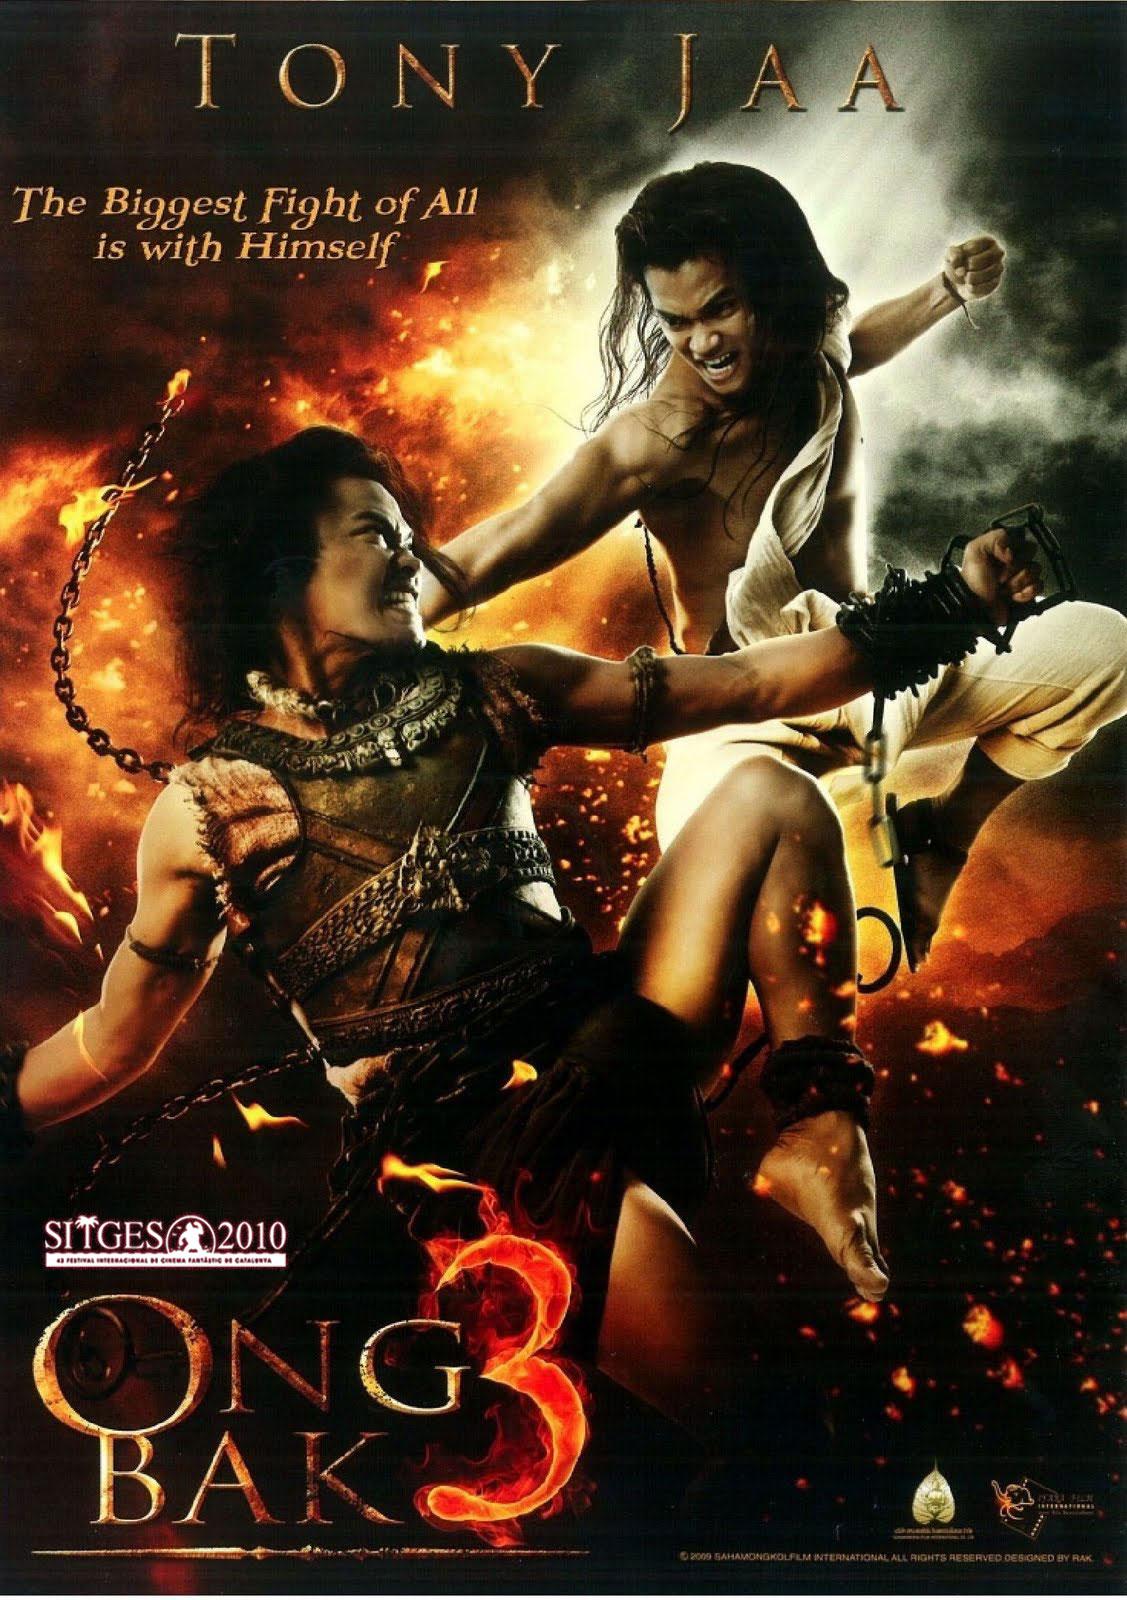 Ninjas 4 Asia: Seleca Visión obtiene los derechos de Ong Bak 3